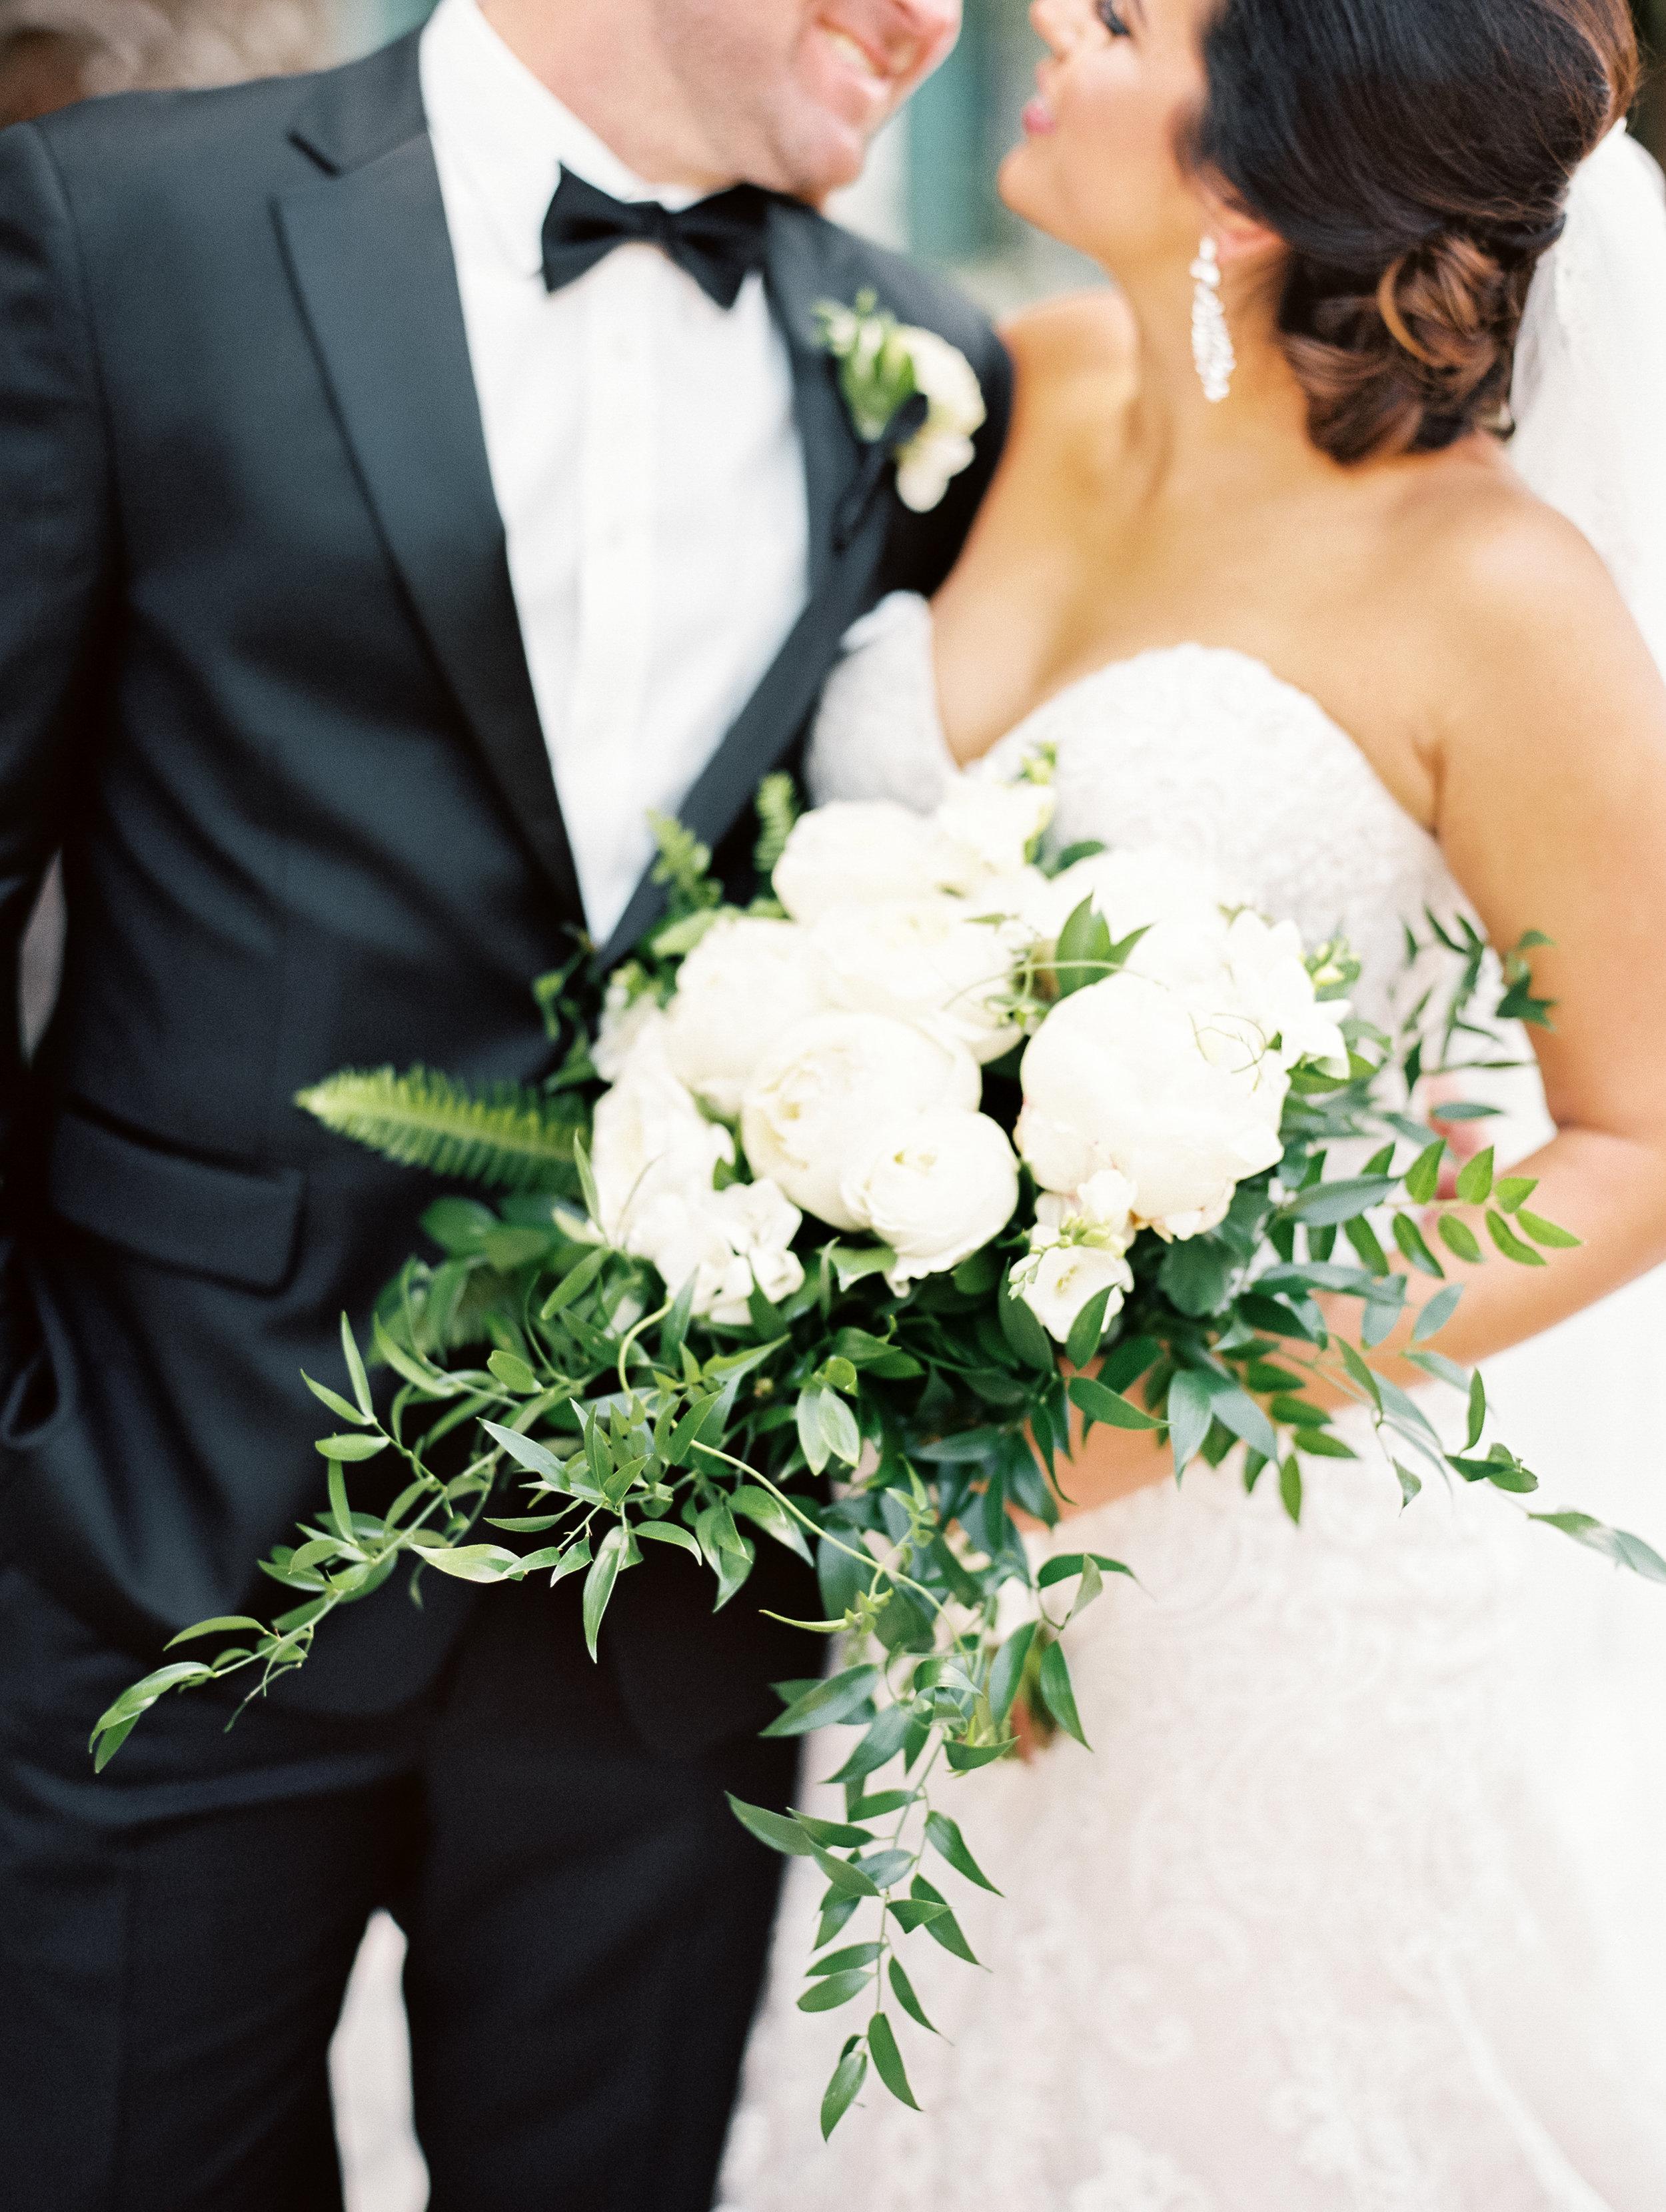 www.santabarbarawedding.com   El Presidio   Santa Barbara Club   Taralynn Lawton   Bridal Bouquet